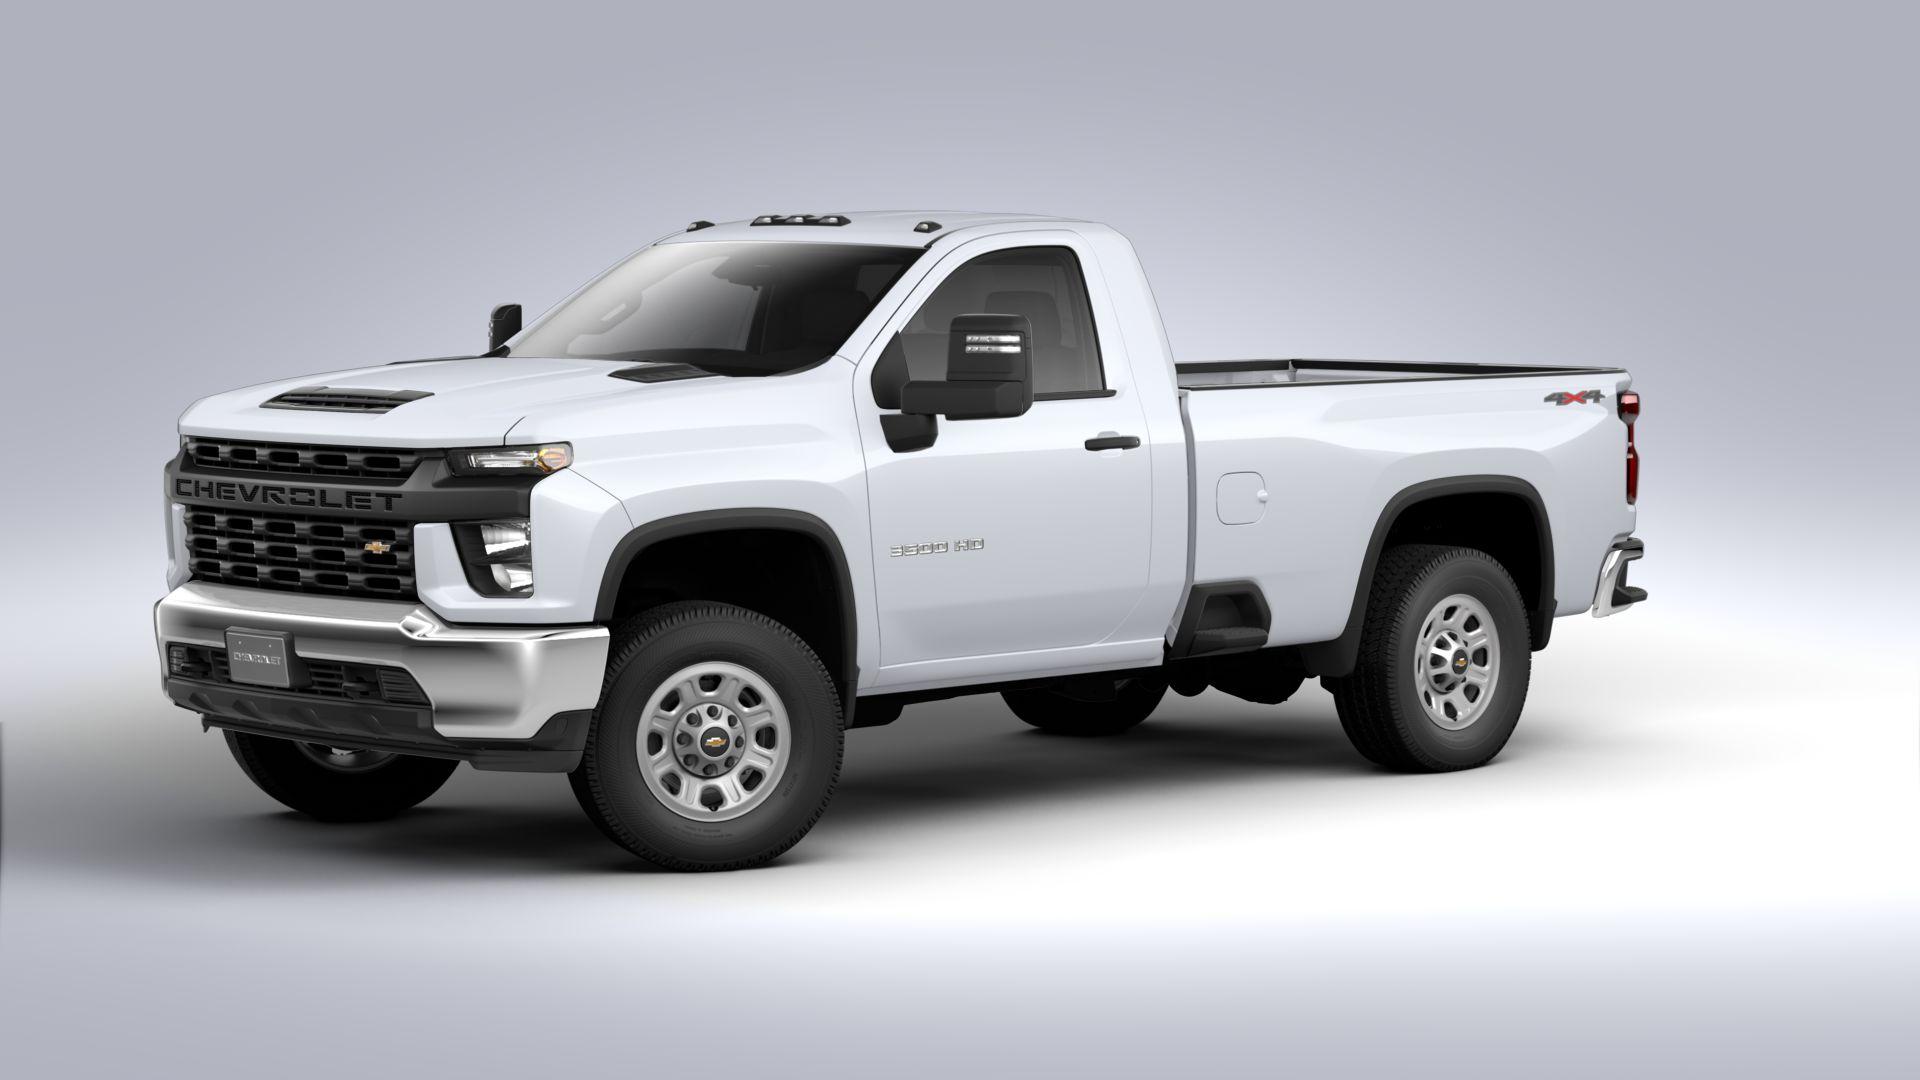 2020 Chevrolet Silverado 3500 HD WT